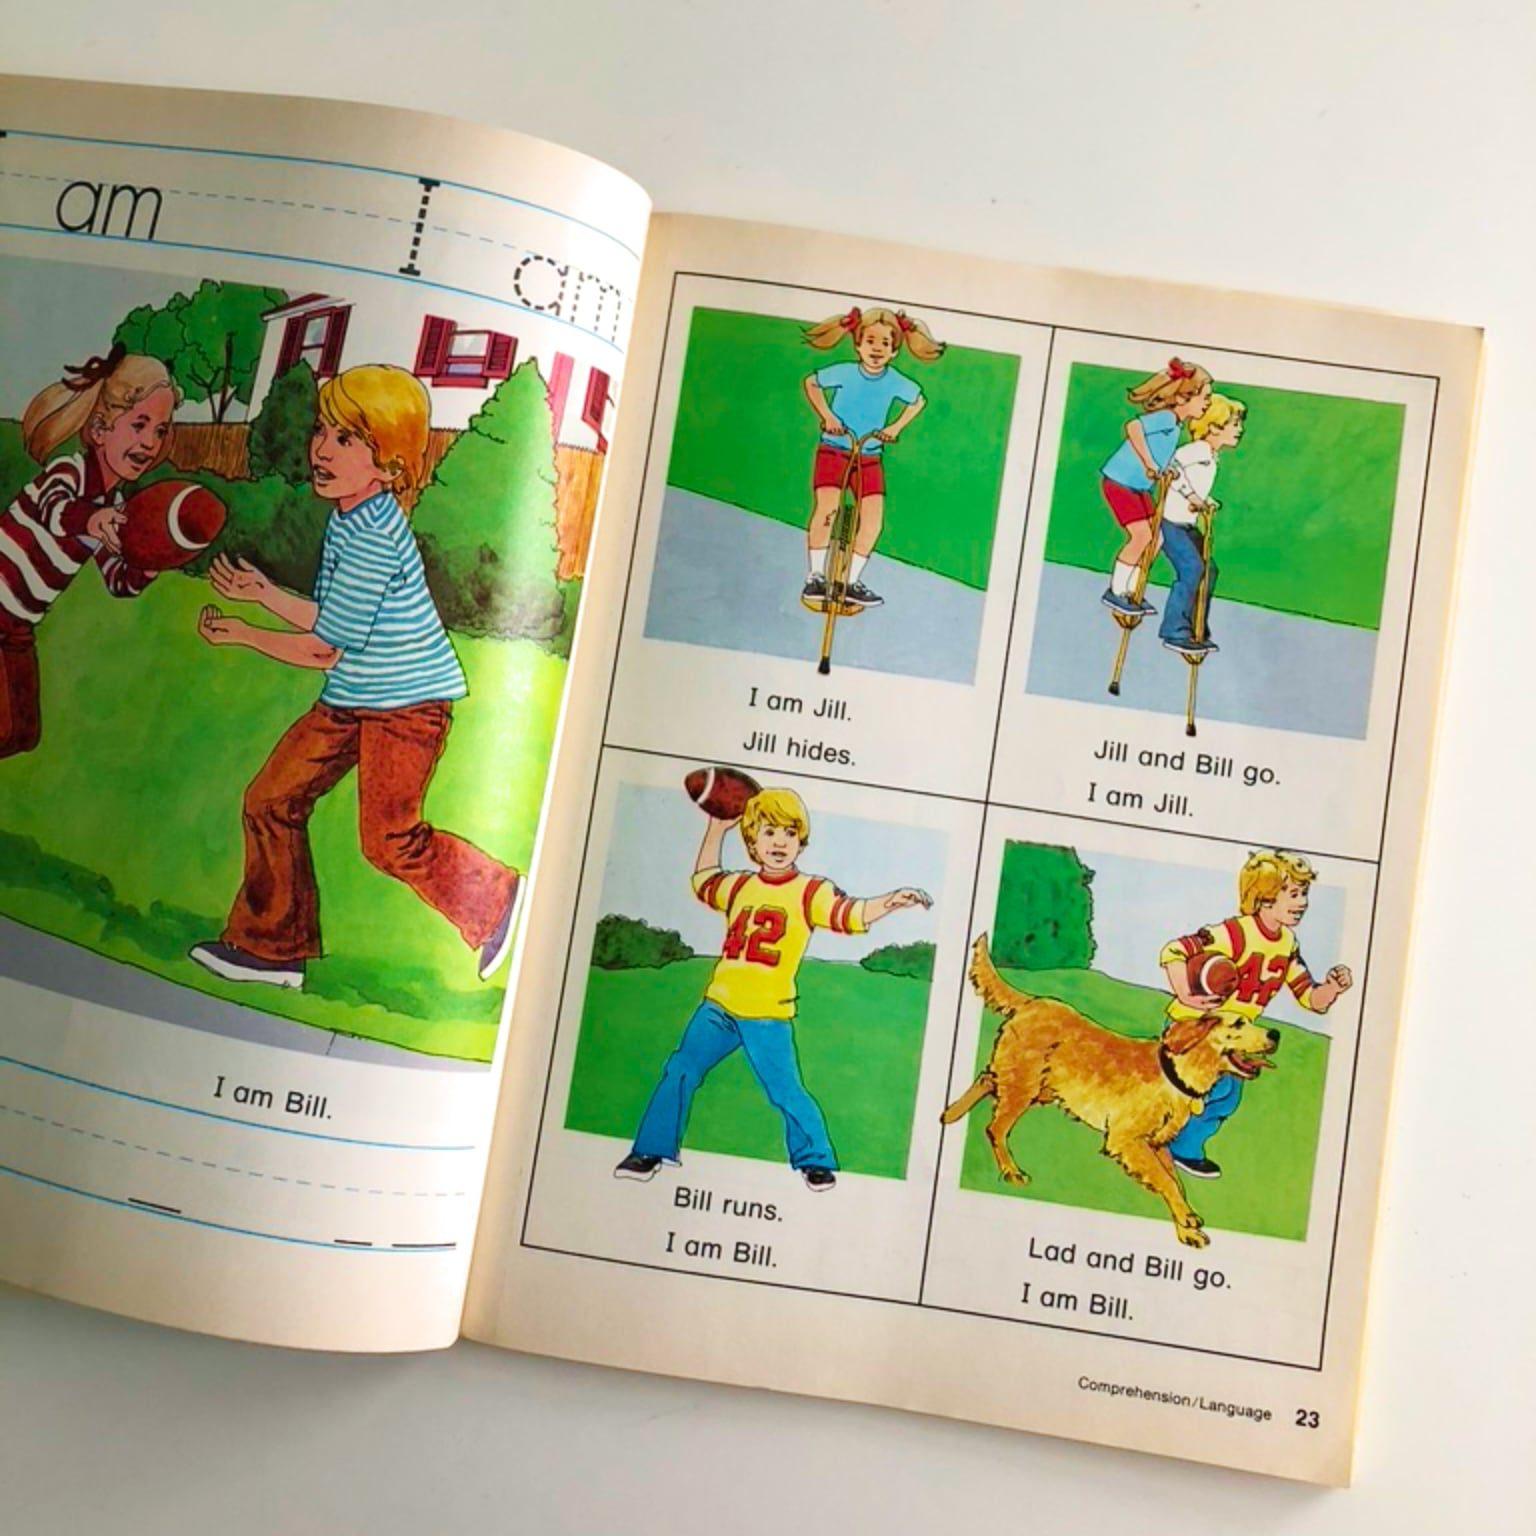 Jill lad book02